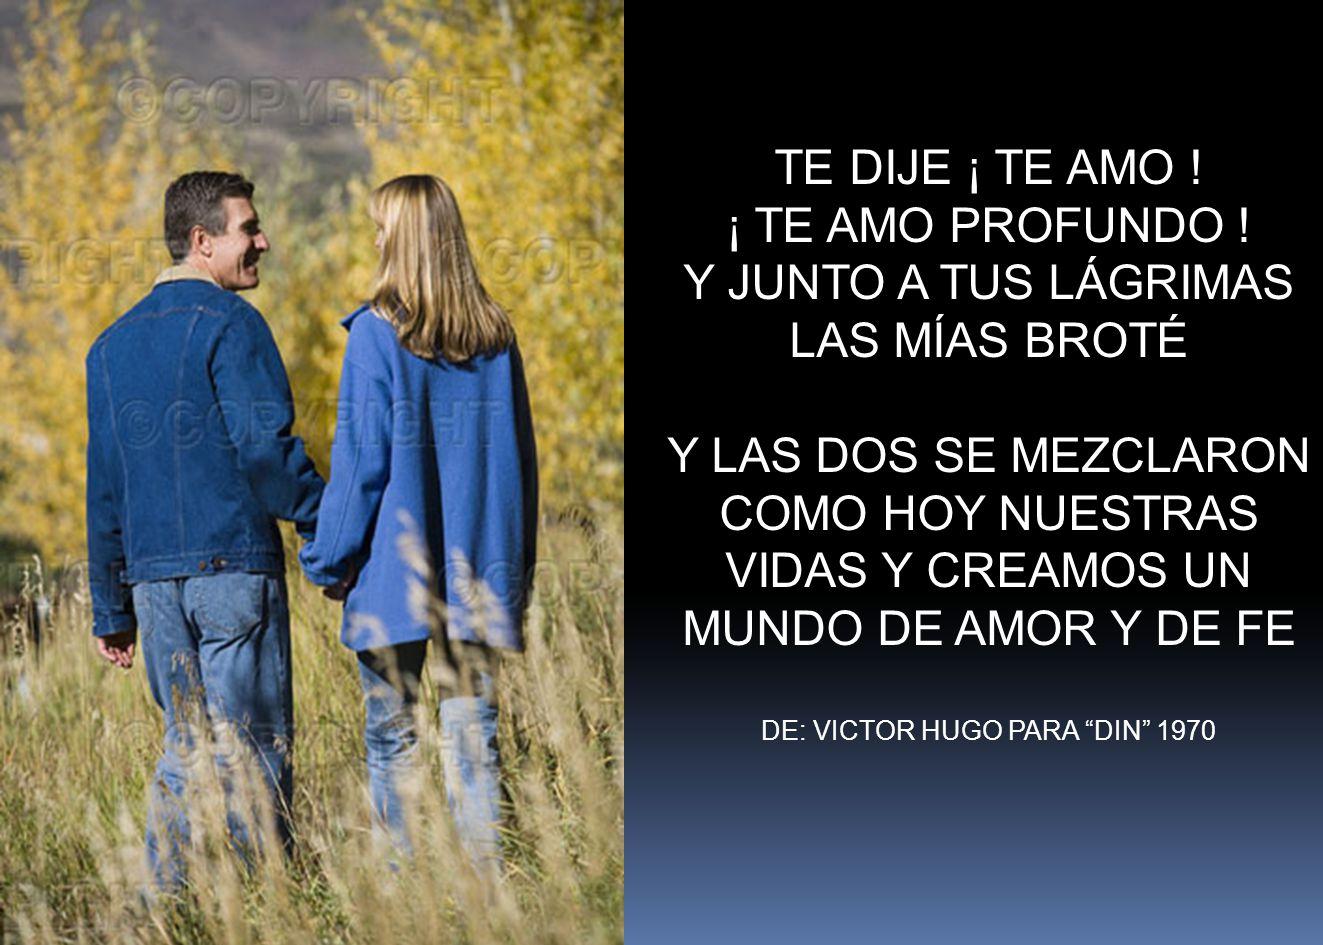 COMO HOY NUESTRAS VIDAS Y CREAMOS UN MUNDO DE AMOR Y DE FE